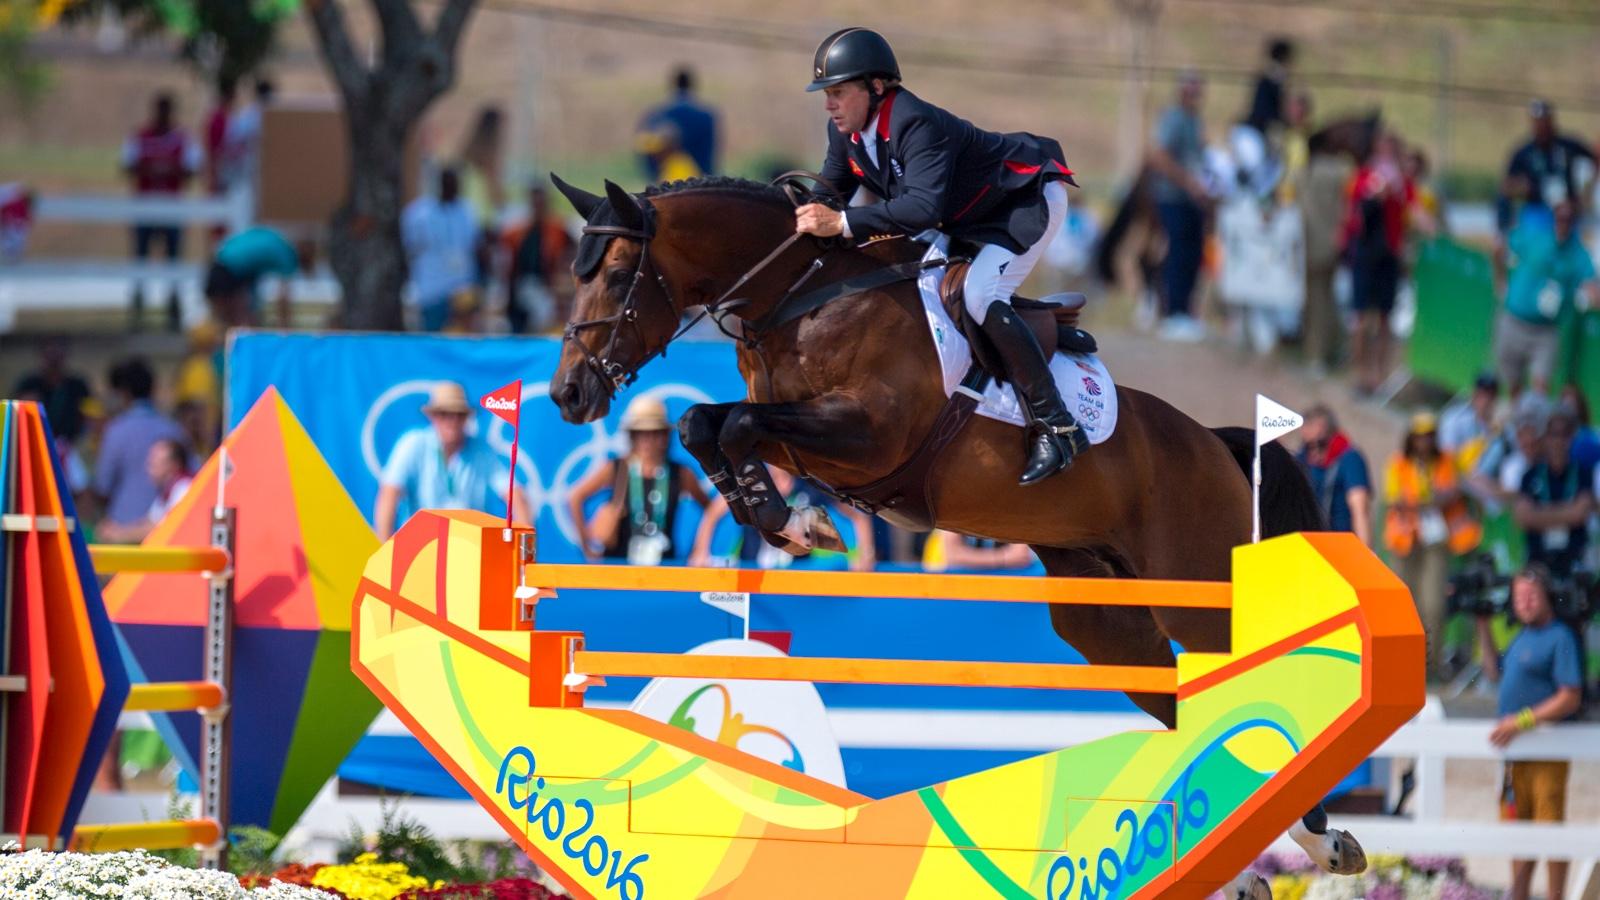 Nick Skelton Olympisch kampioen, Jeroen Dubbeldam mist barrage